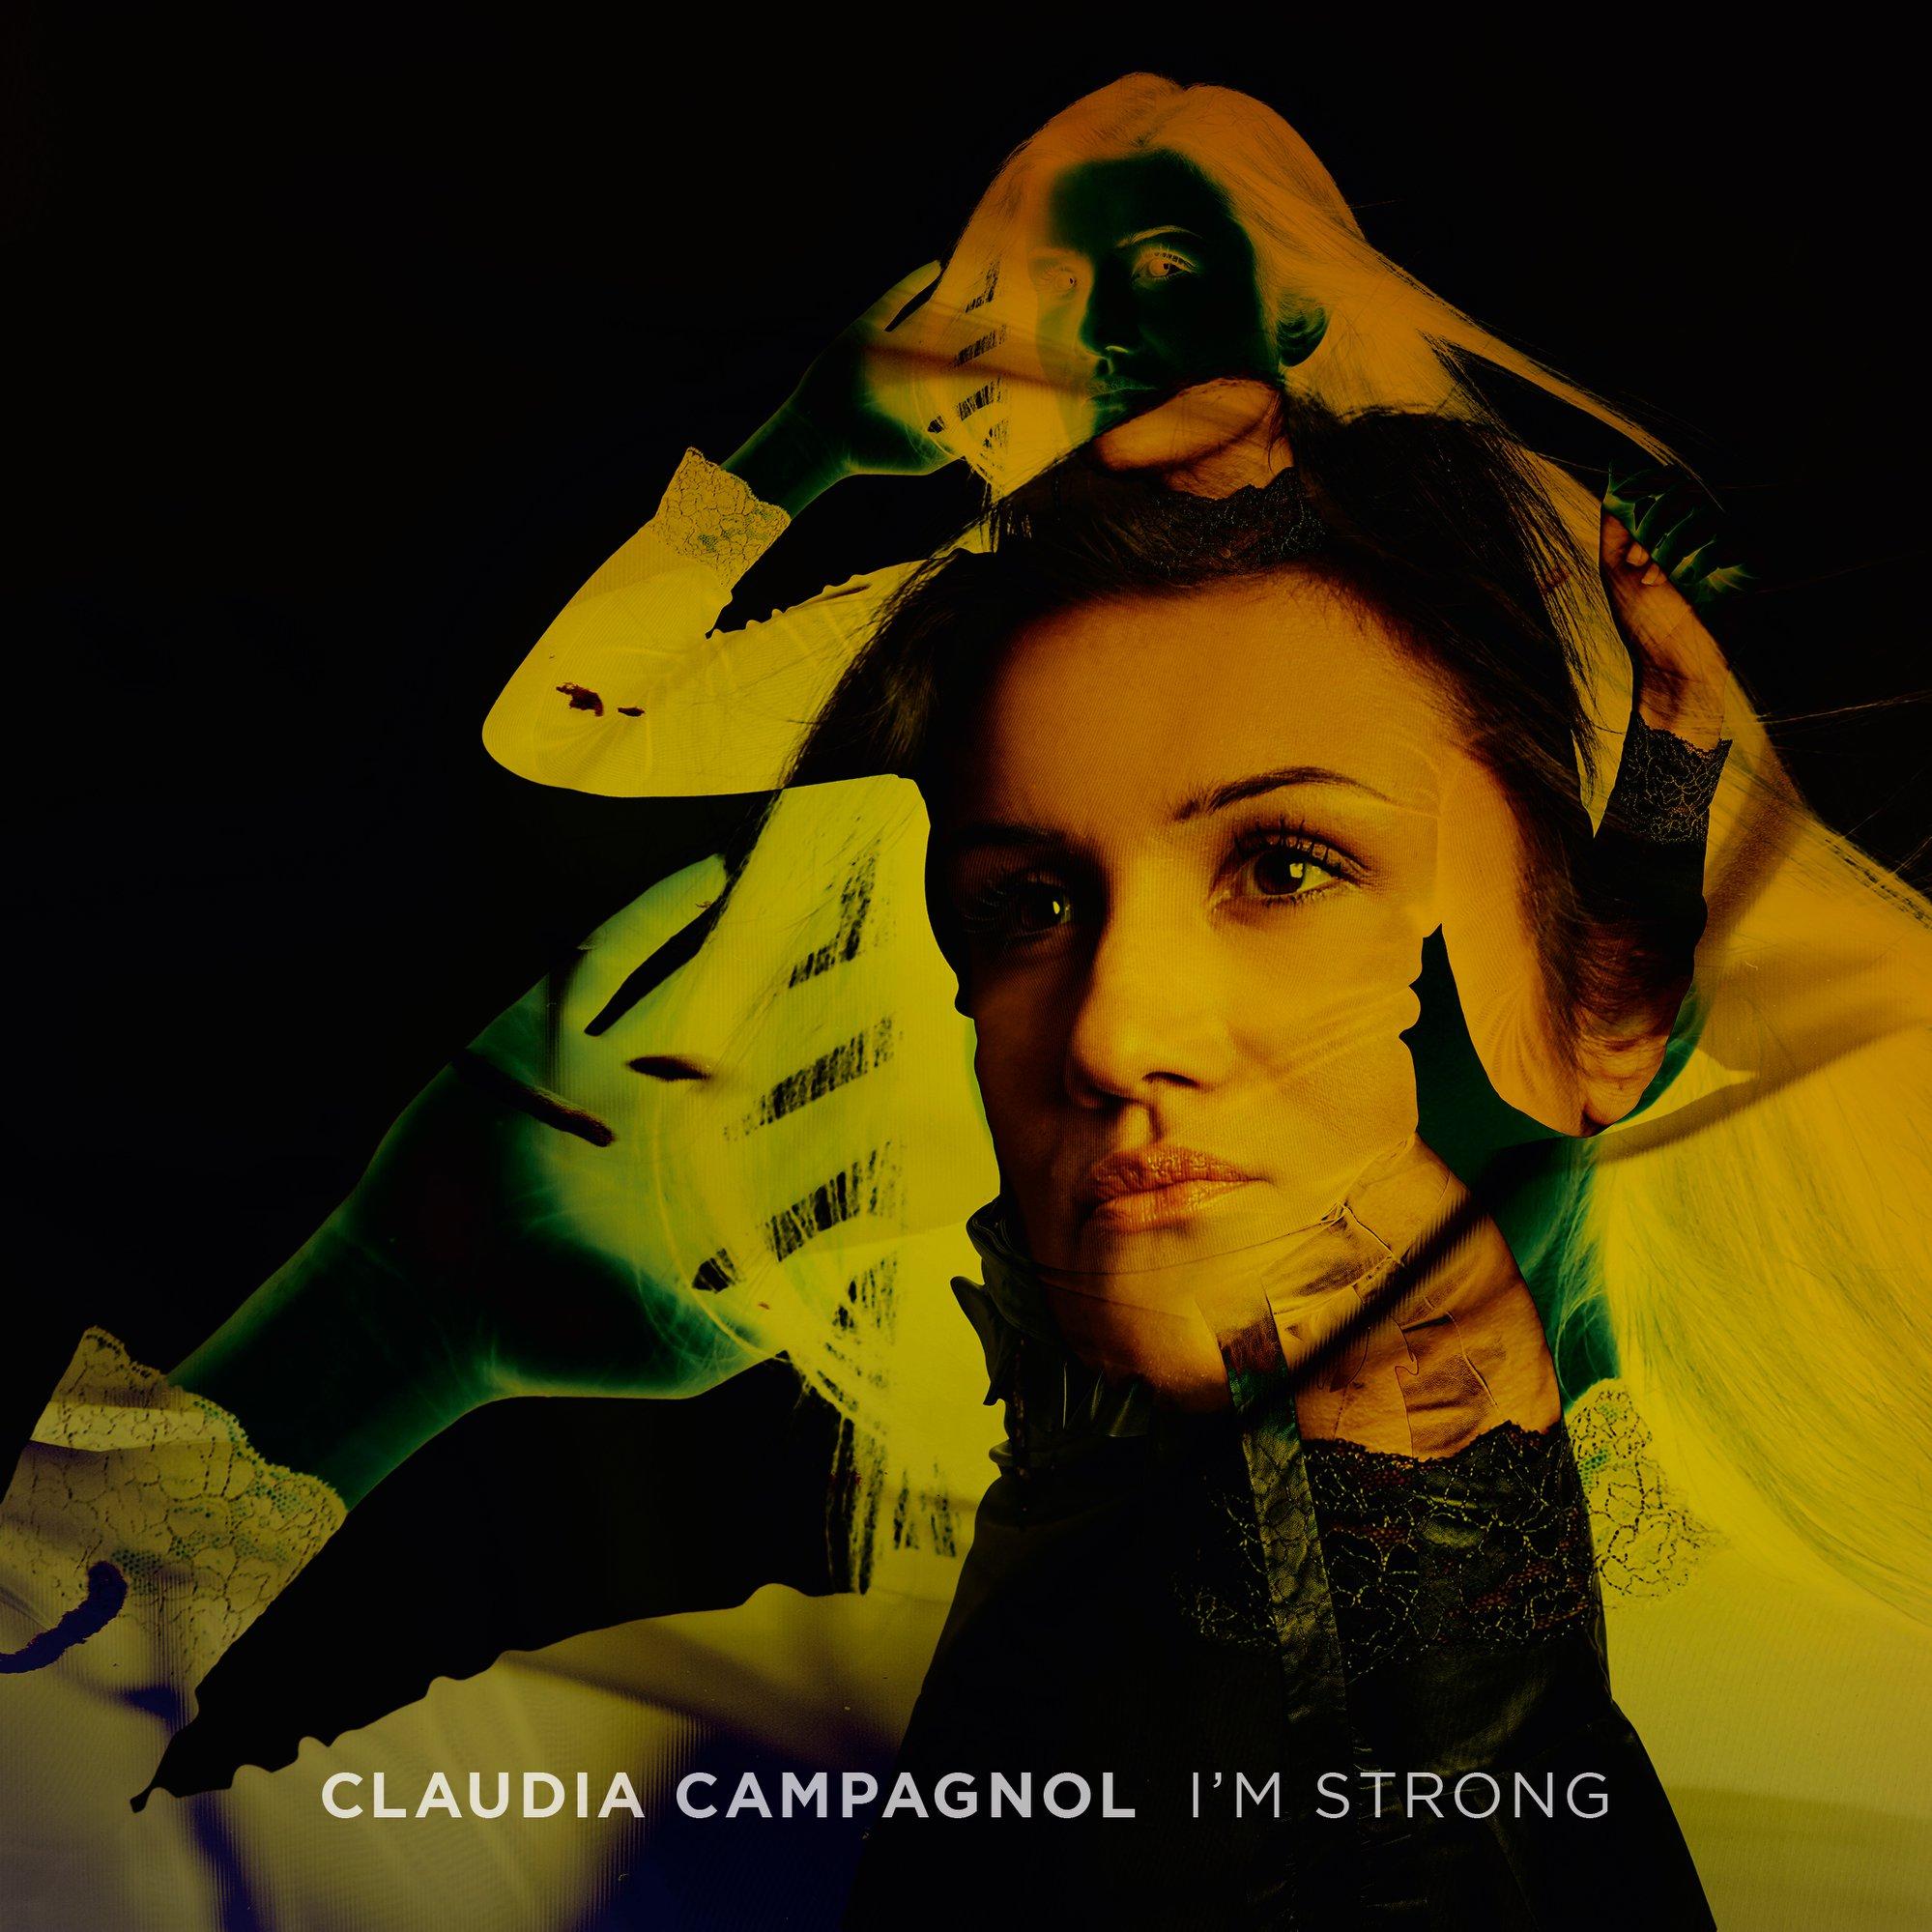 """Avec """"I'M STRONG"""", Claudia Campagnol signe un premier essai, un essai de qualité."""